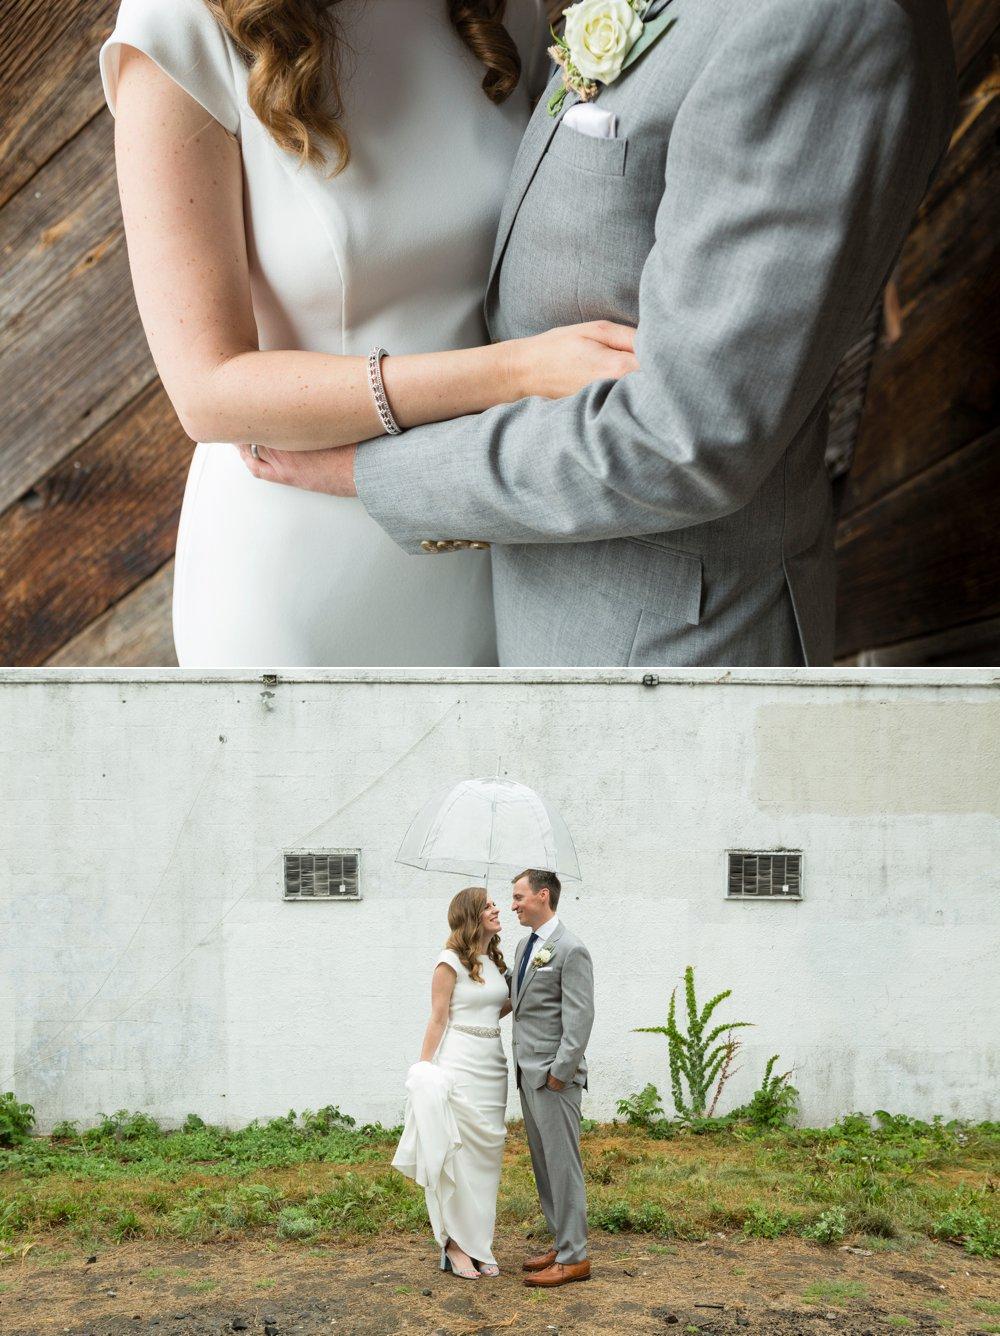 SomerbyJonesPhotography_LoyalNineWedding_LoyalNineRestaurant_LoyalNine_Wedding_0039.jpg